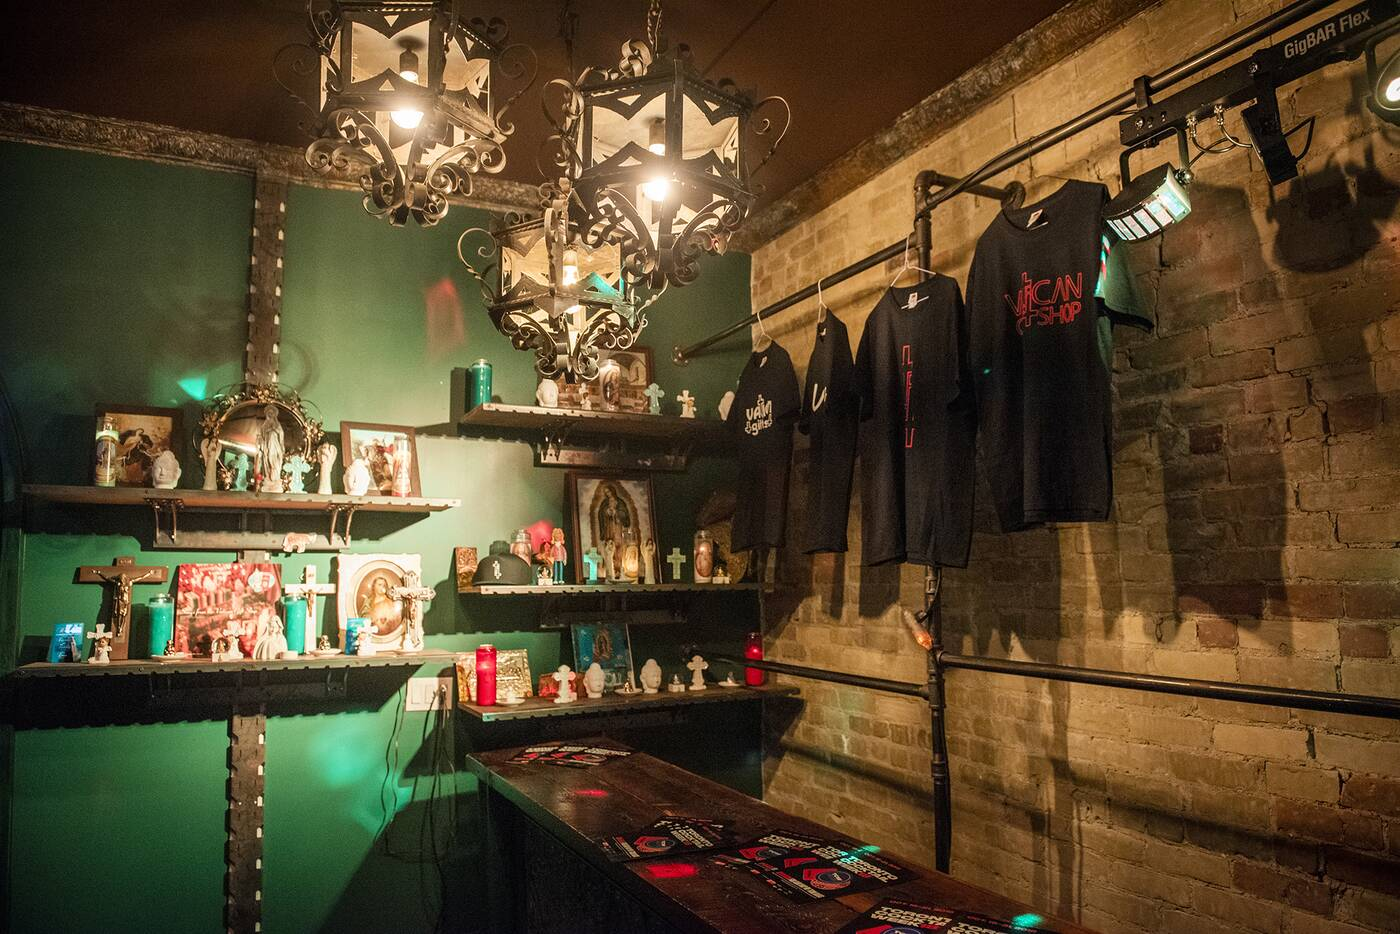 vatican gift shop toronto